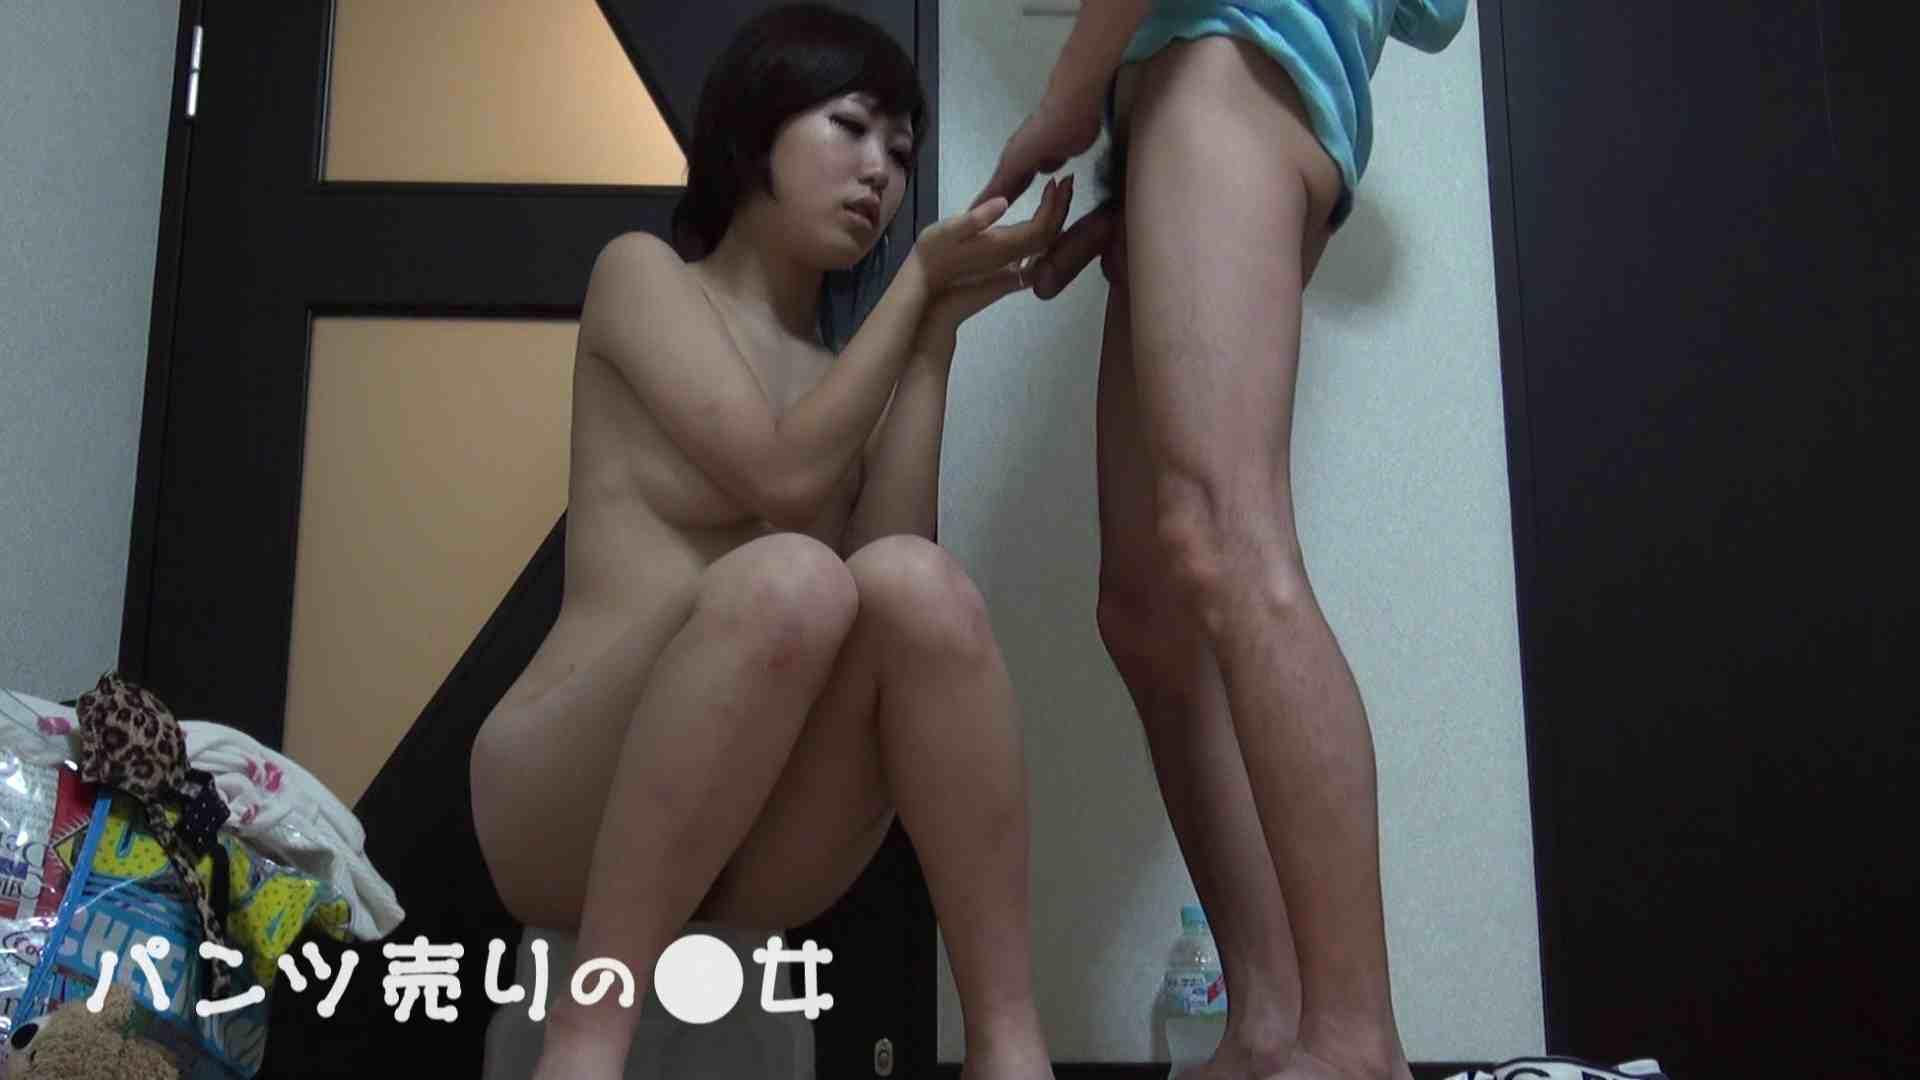 新説 パンツ売りの女の子nana02 一般投稿  97pic 62